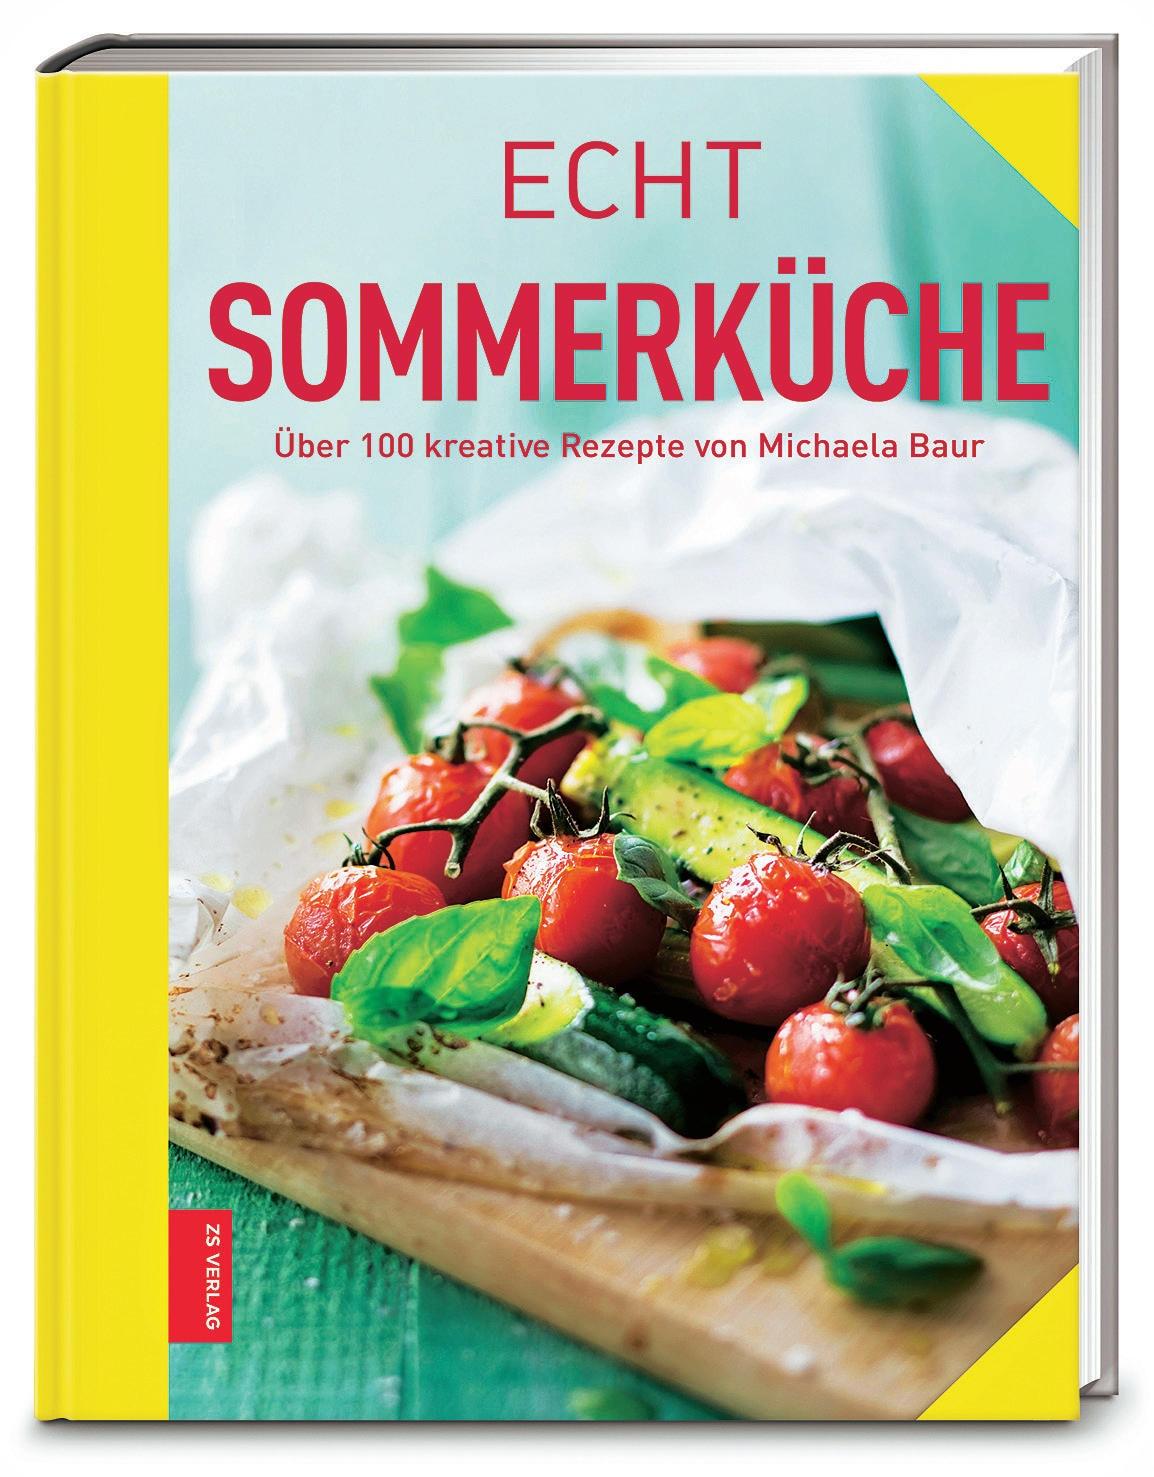 """Hier schmeckt alles nach Sonne und Urlaub. Mehr als 100 leichte Genüsse sind in diesem Buch versammelt, von Salaten mit Wildkräutern und Blüten über kalte Suppen und Grillgemüse bis zu Kompott und Konfitüren – so kann man den Sommer in Gläser füllen. (""""Echt Sommerküche"""", ZS Verlag, 170 S., 9,99 Euro)"""